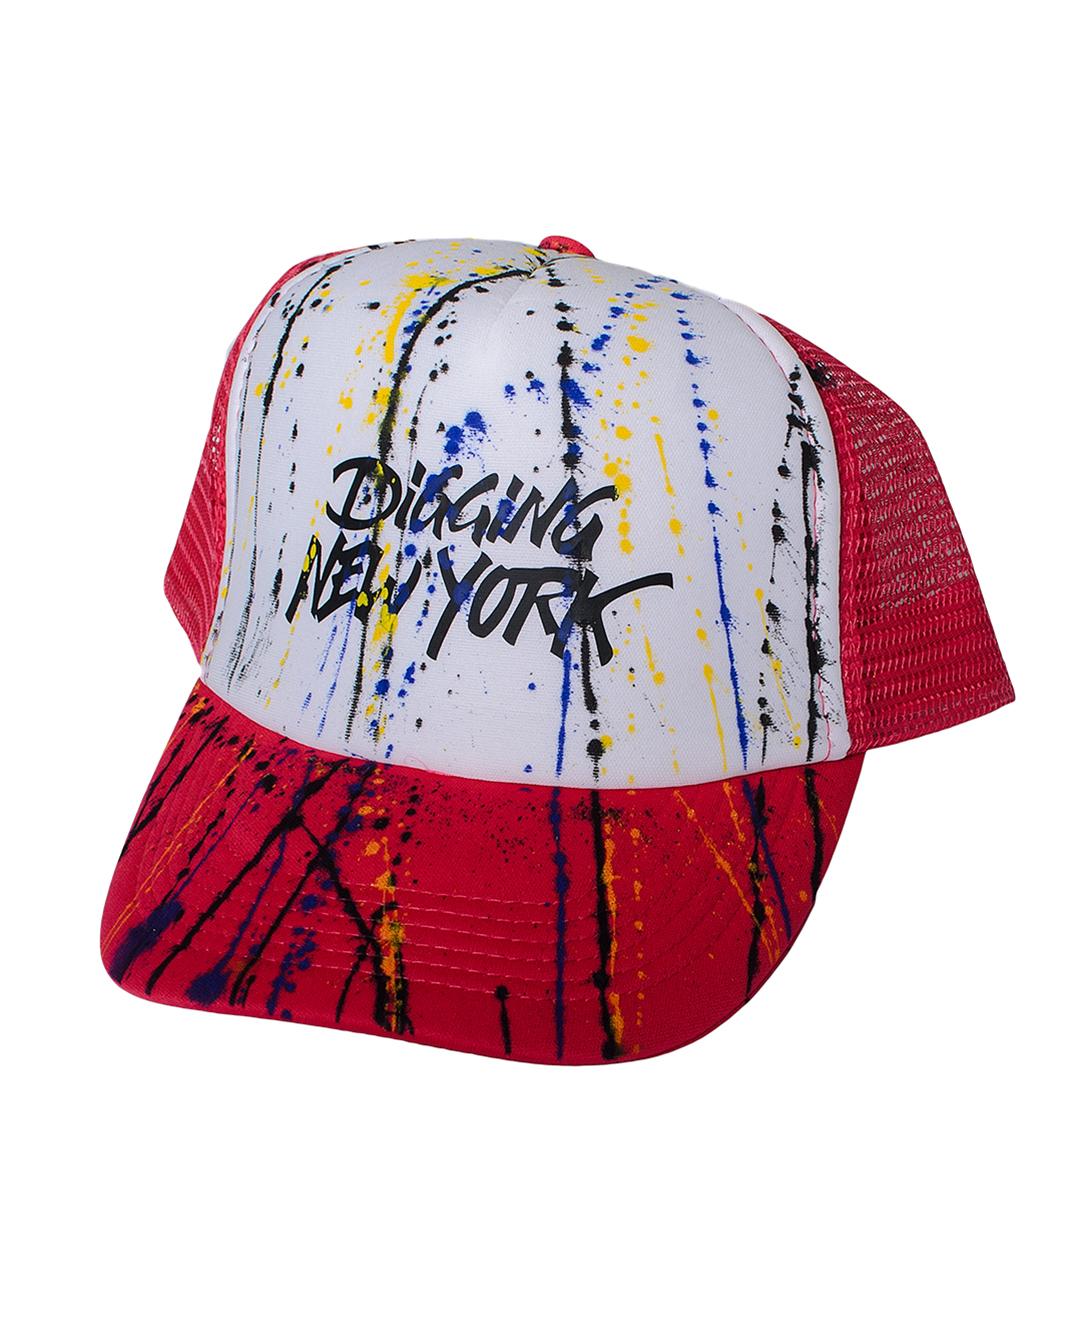 Ανδρικό Καπέλο Digging Splash-Φούξια αρχική αξεσουάρ καπέλα